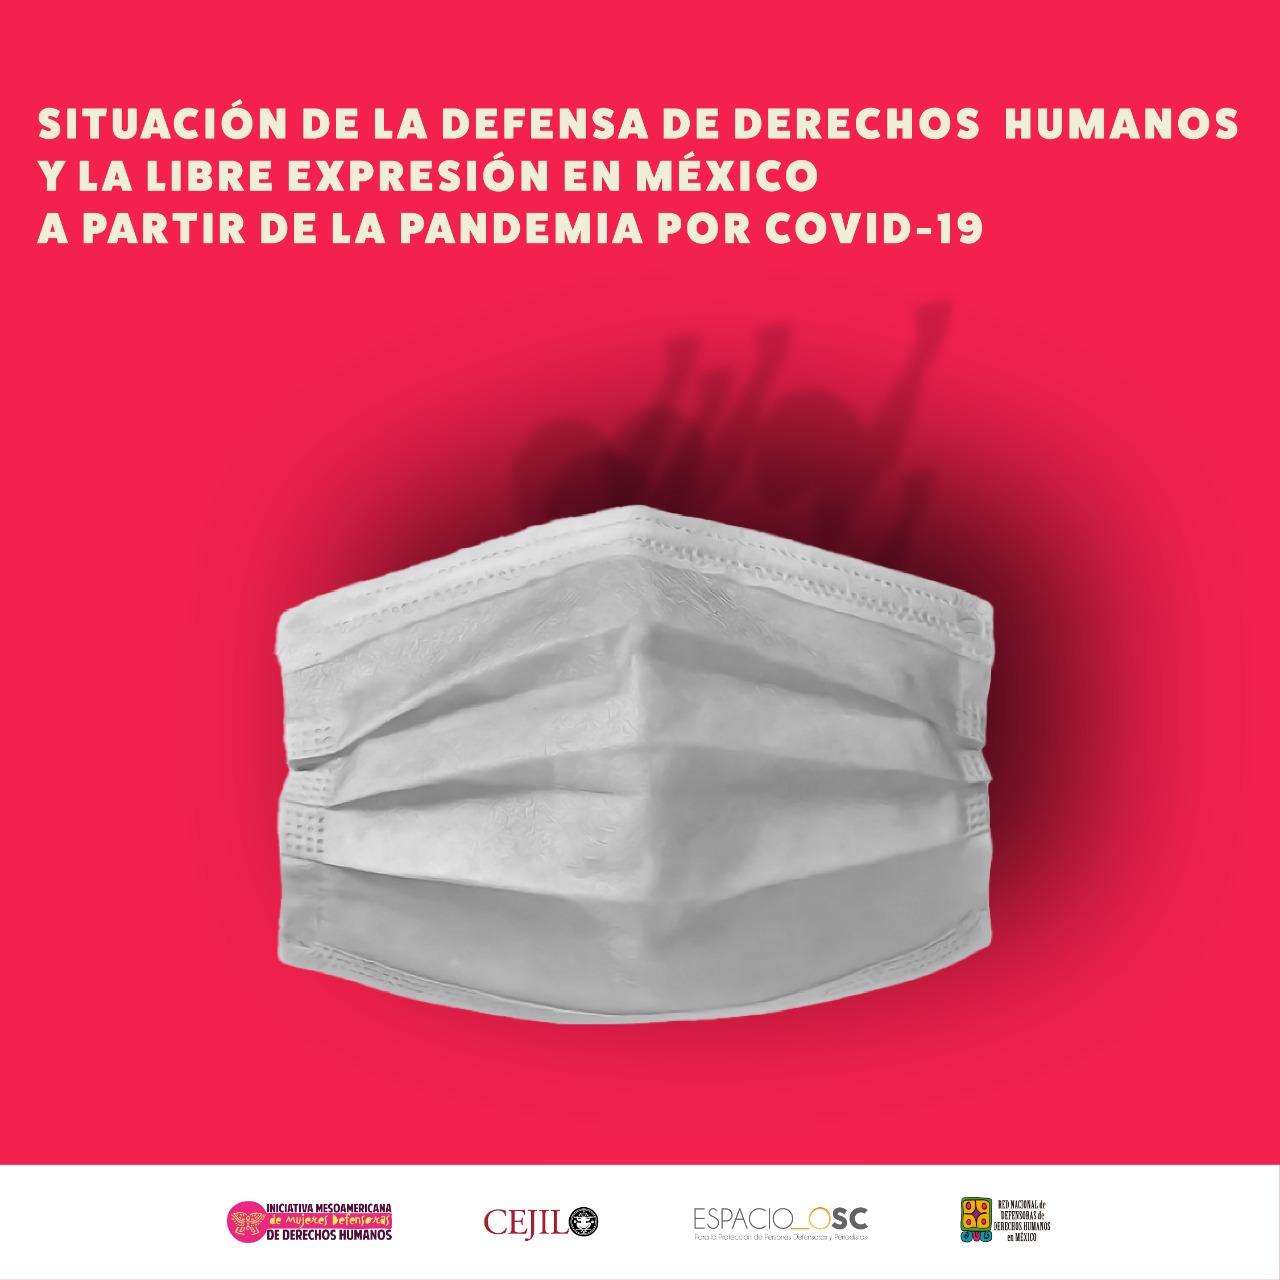 Informe: Situación de la defensa de derechos humanos y la libre expresión en México a partir de la pandemia por COVID-19